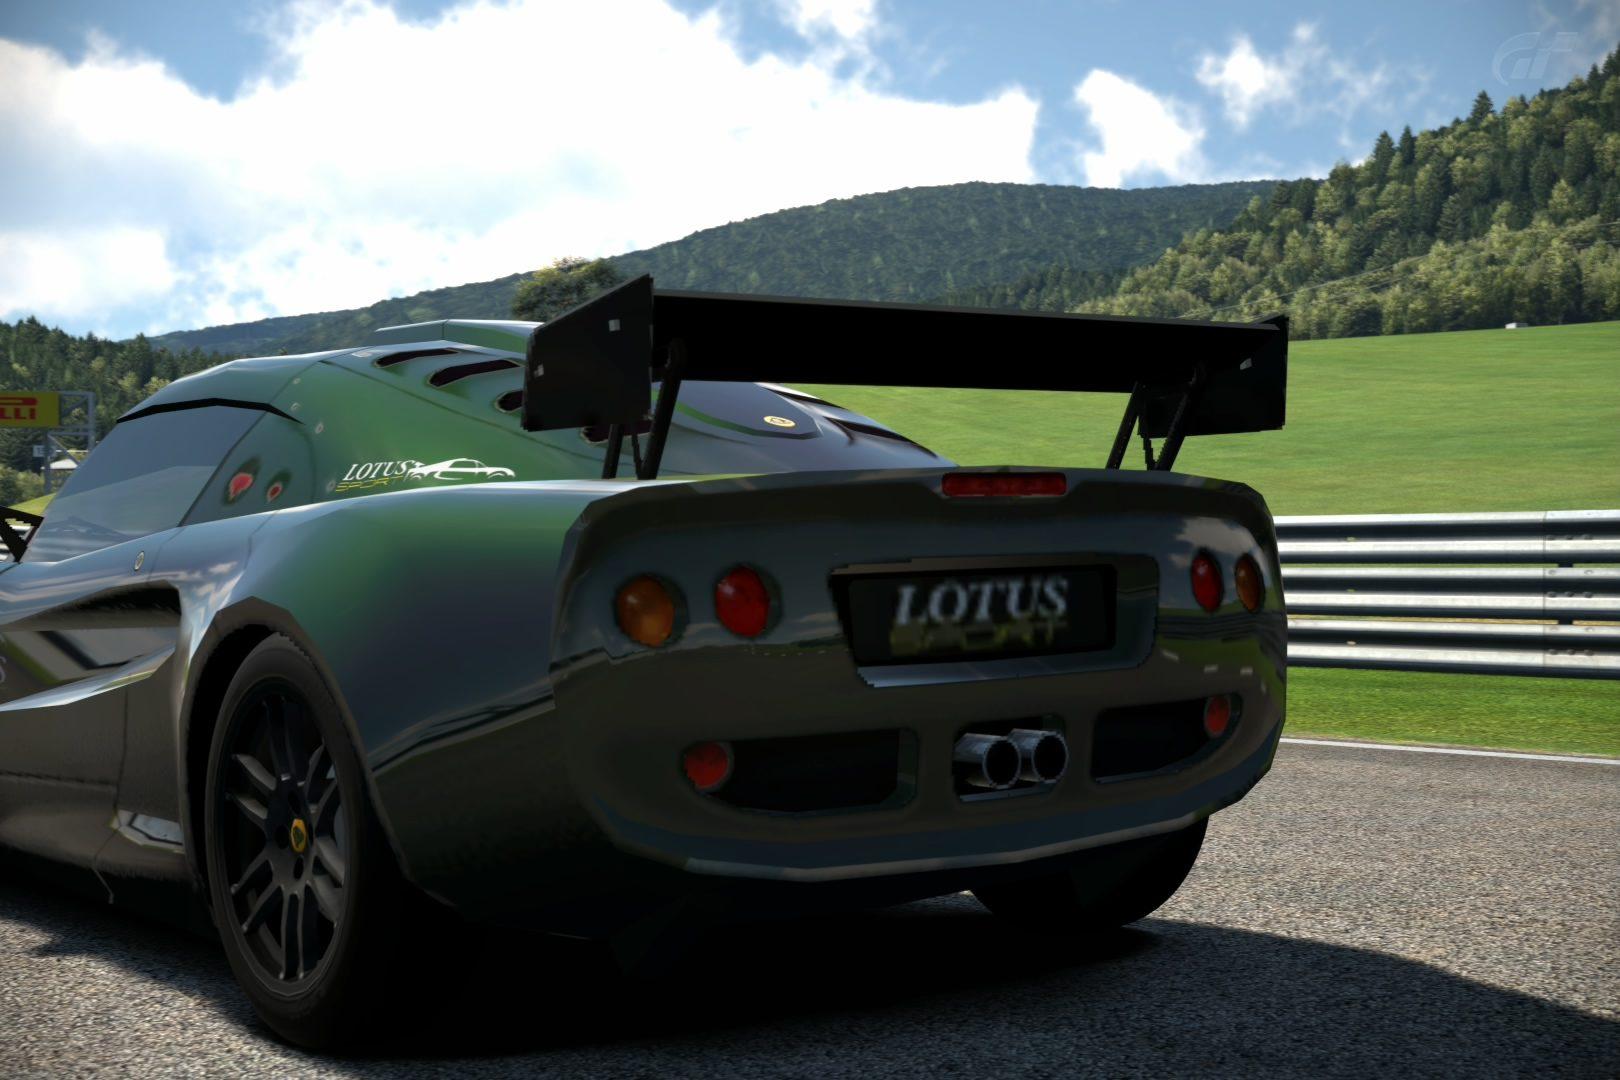 LotusMotorSport99Img1.jpg